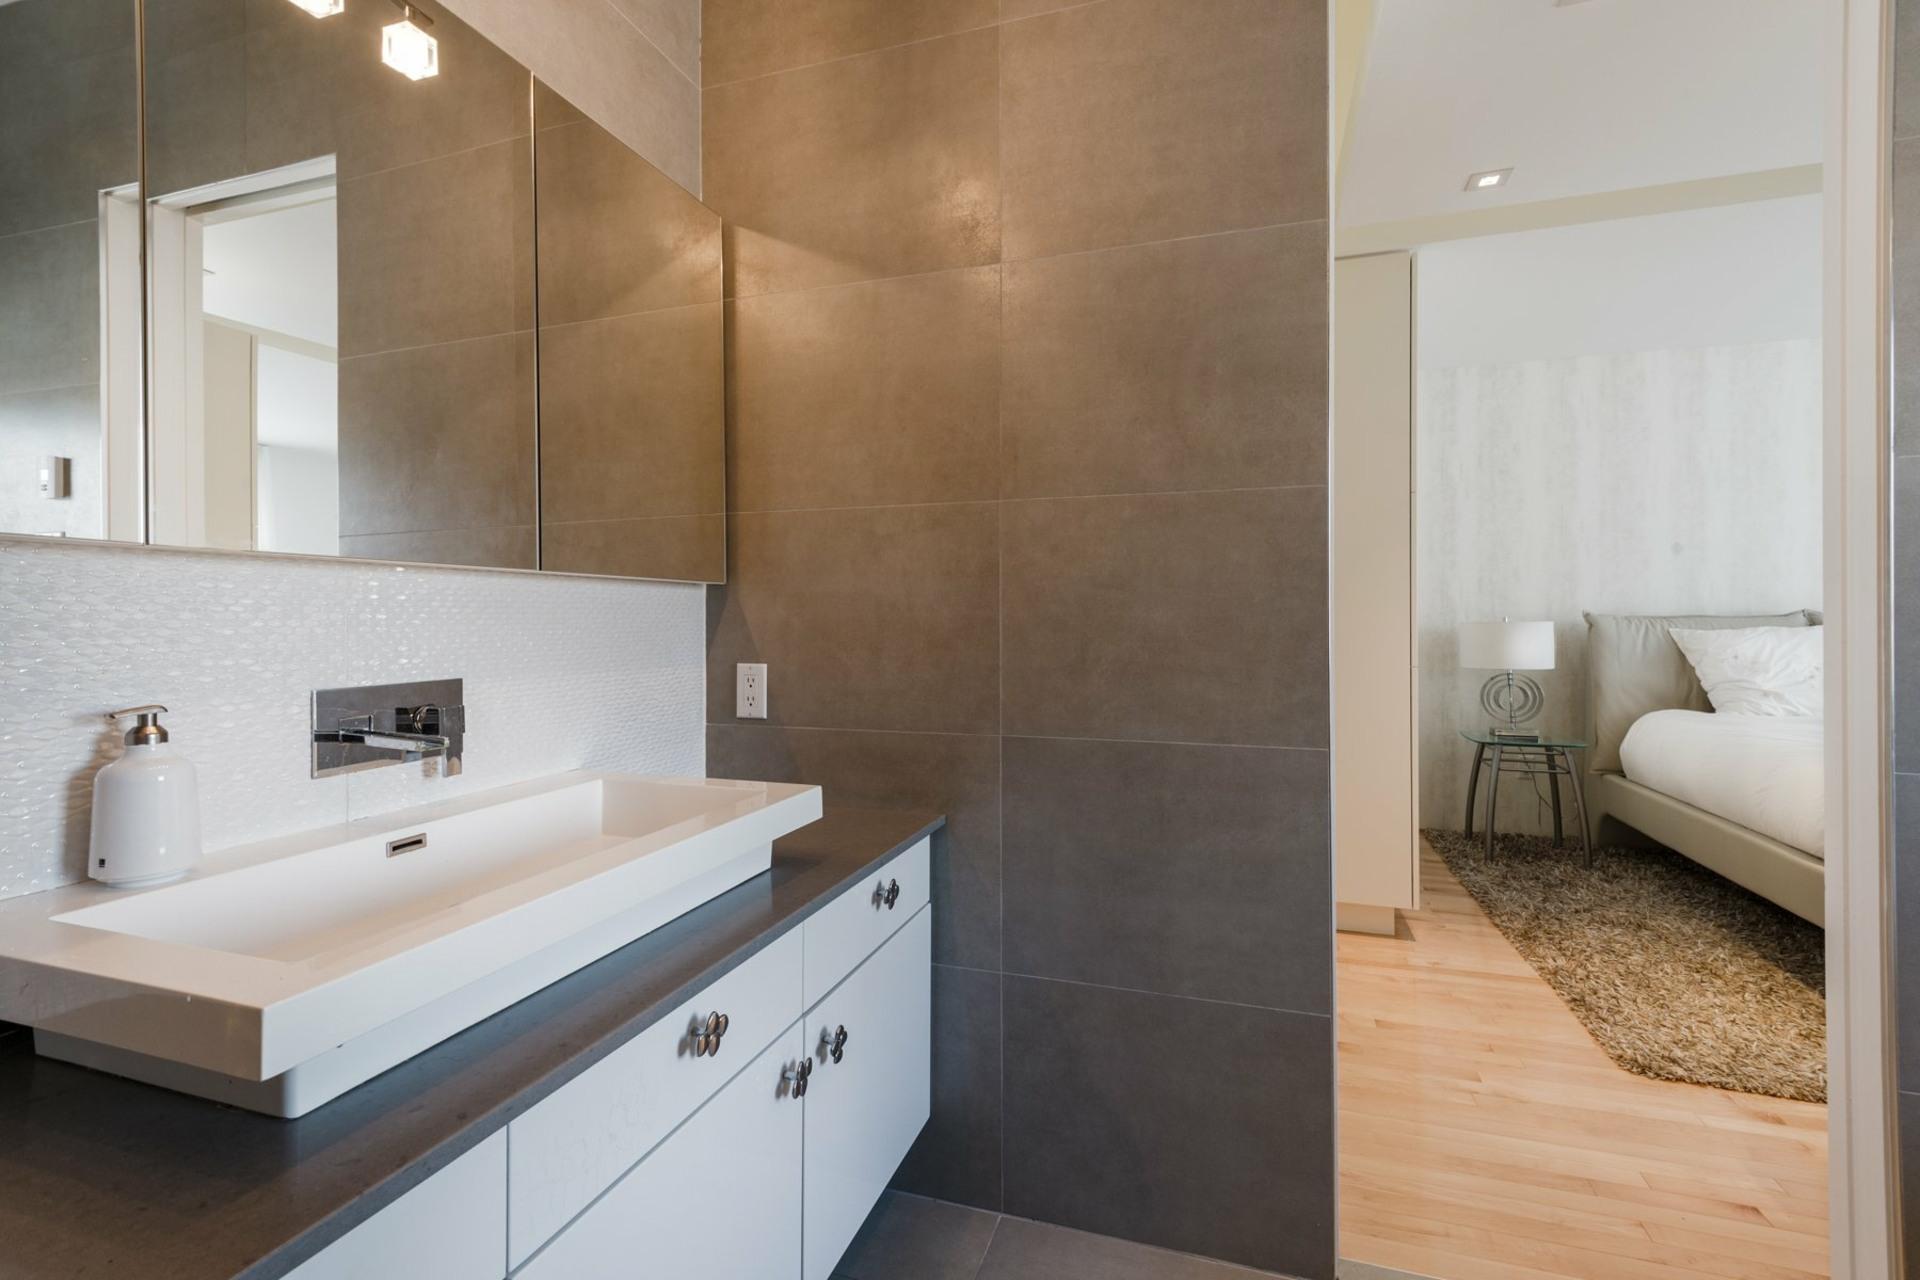 image 23 - House For sale Montréal Côte-des-Neiges/Notre-Dame-de-Grâce  - 9 rooms